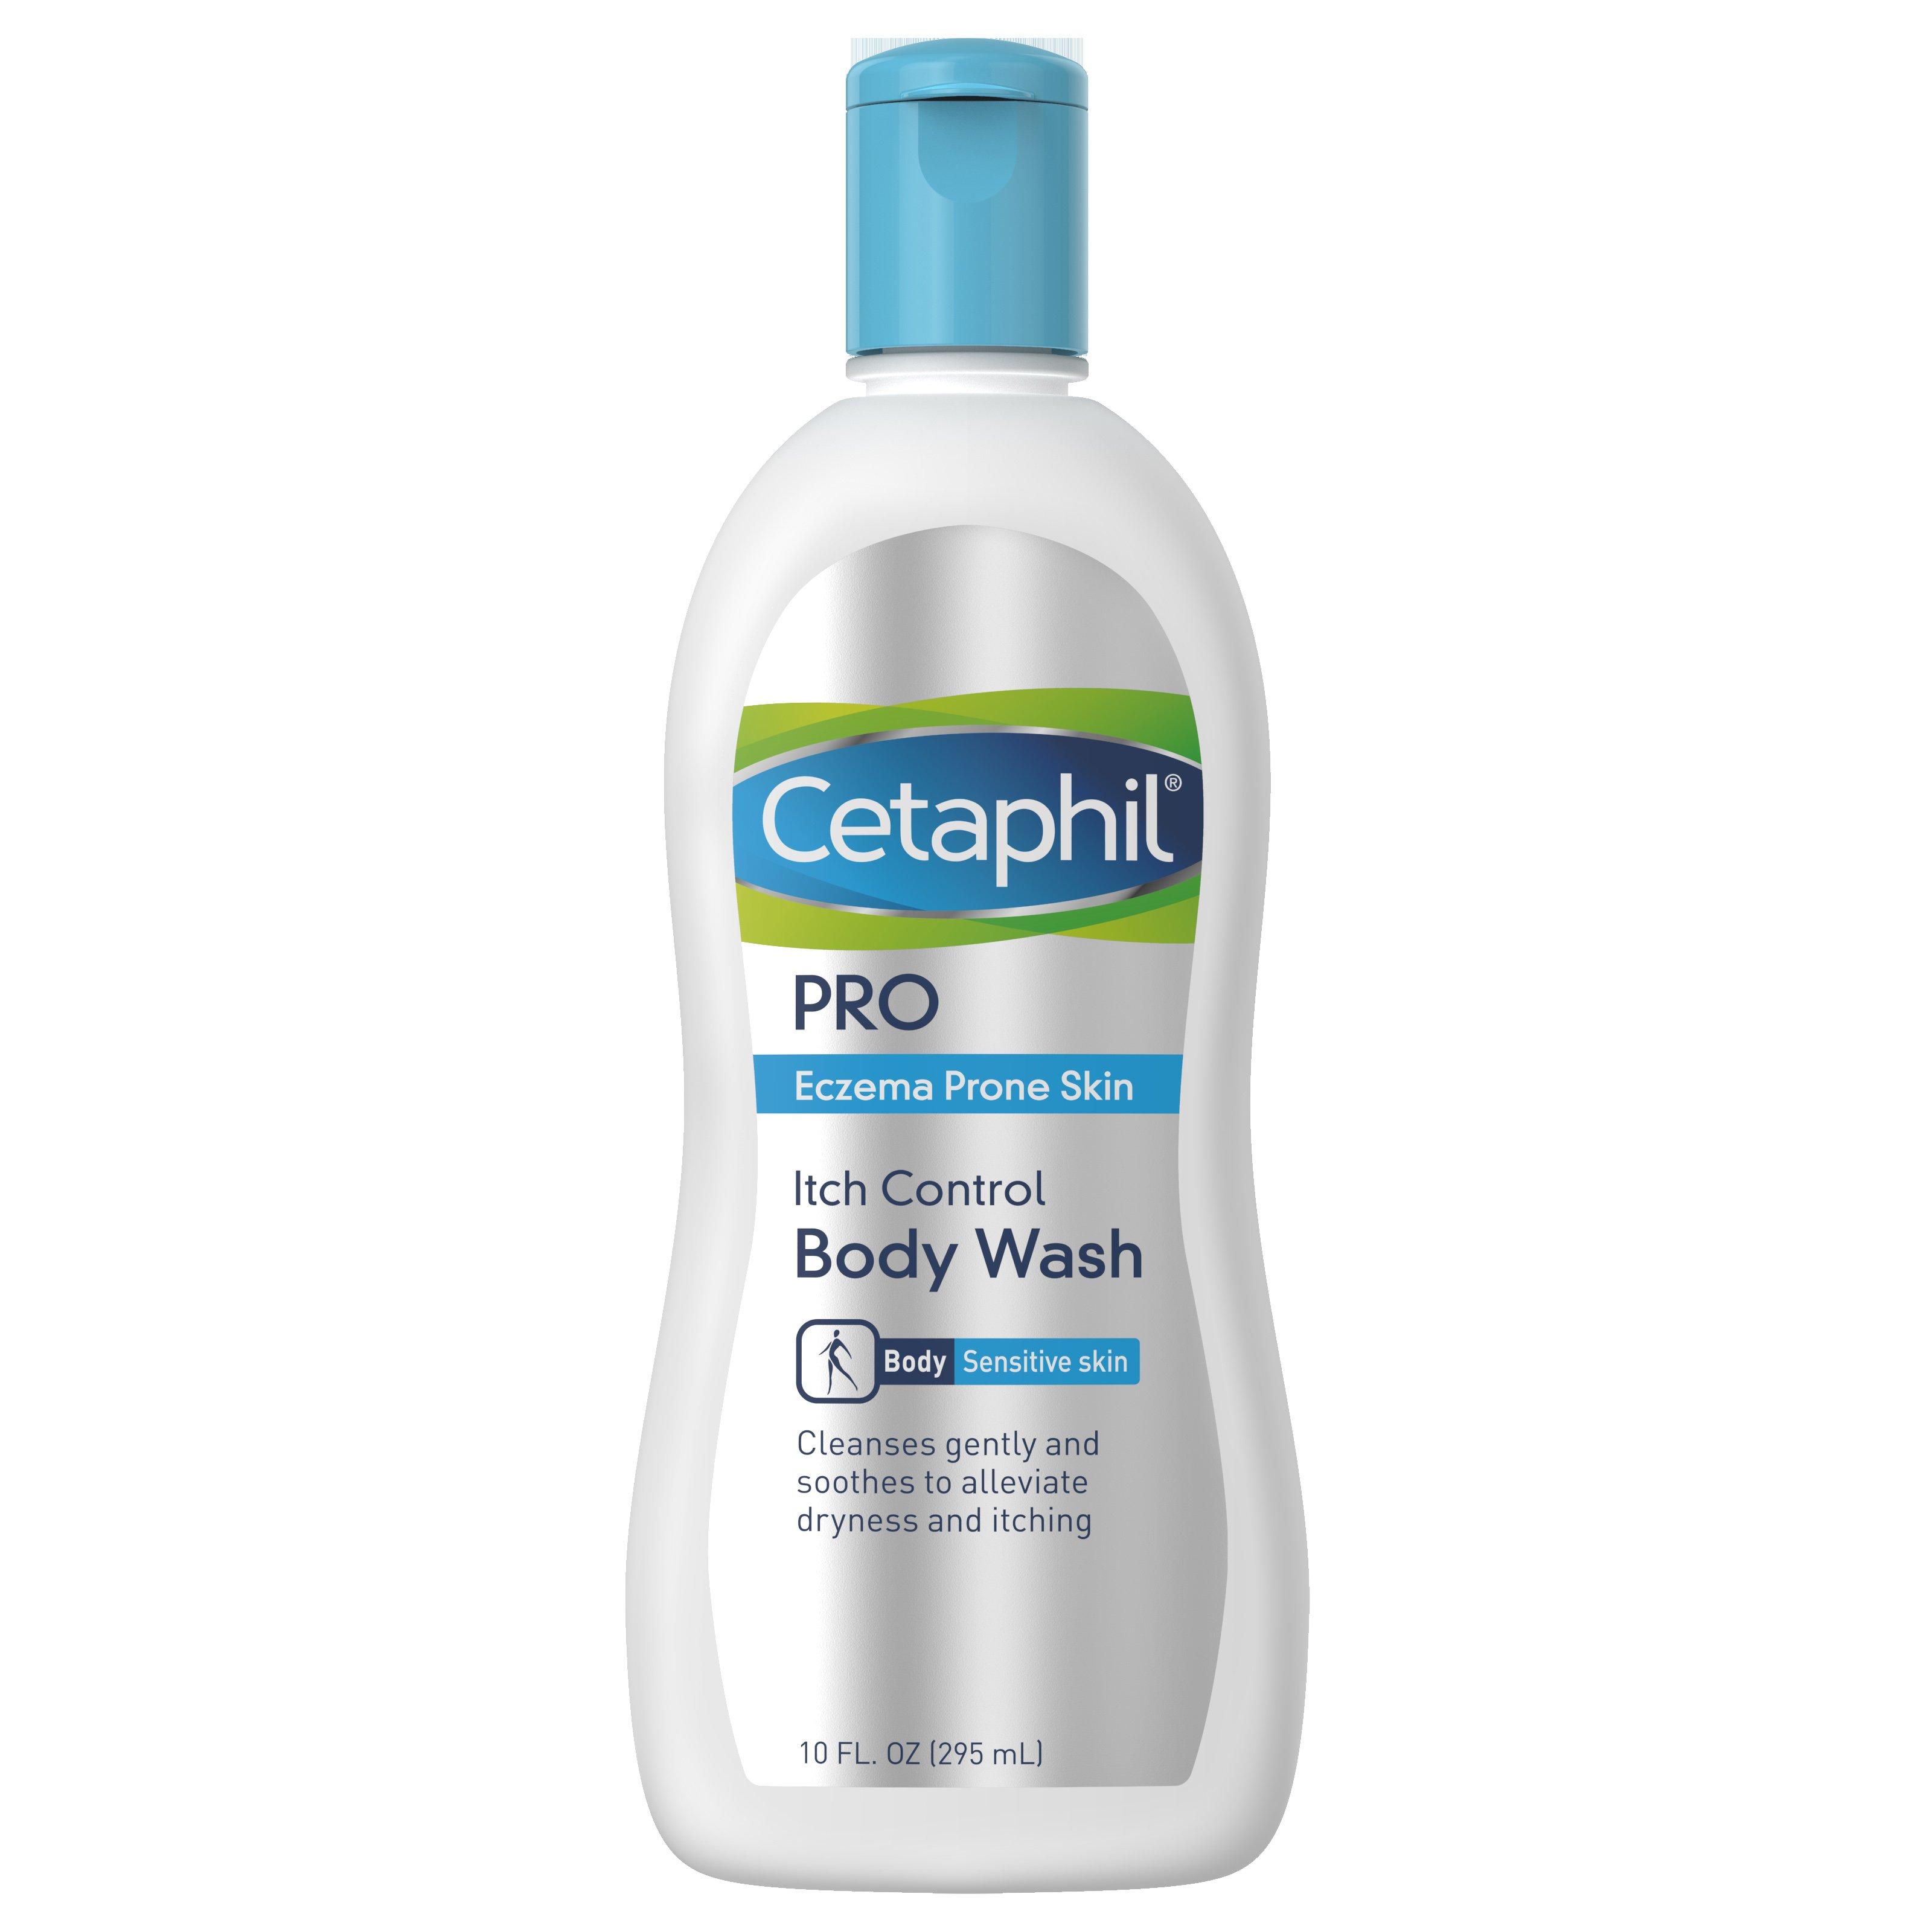 Cetaphil PRO Ekzema Prone Skin Itch Control Body Wash 295ml